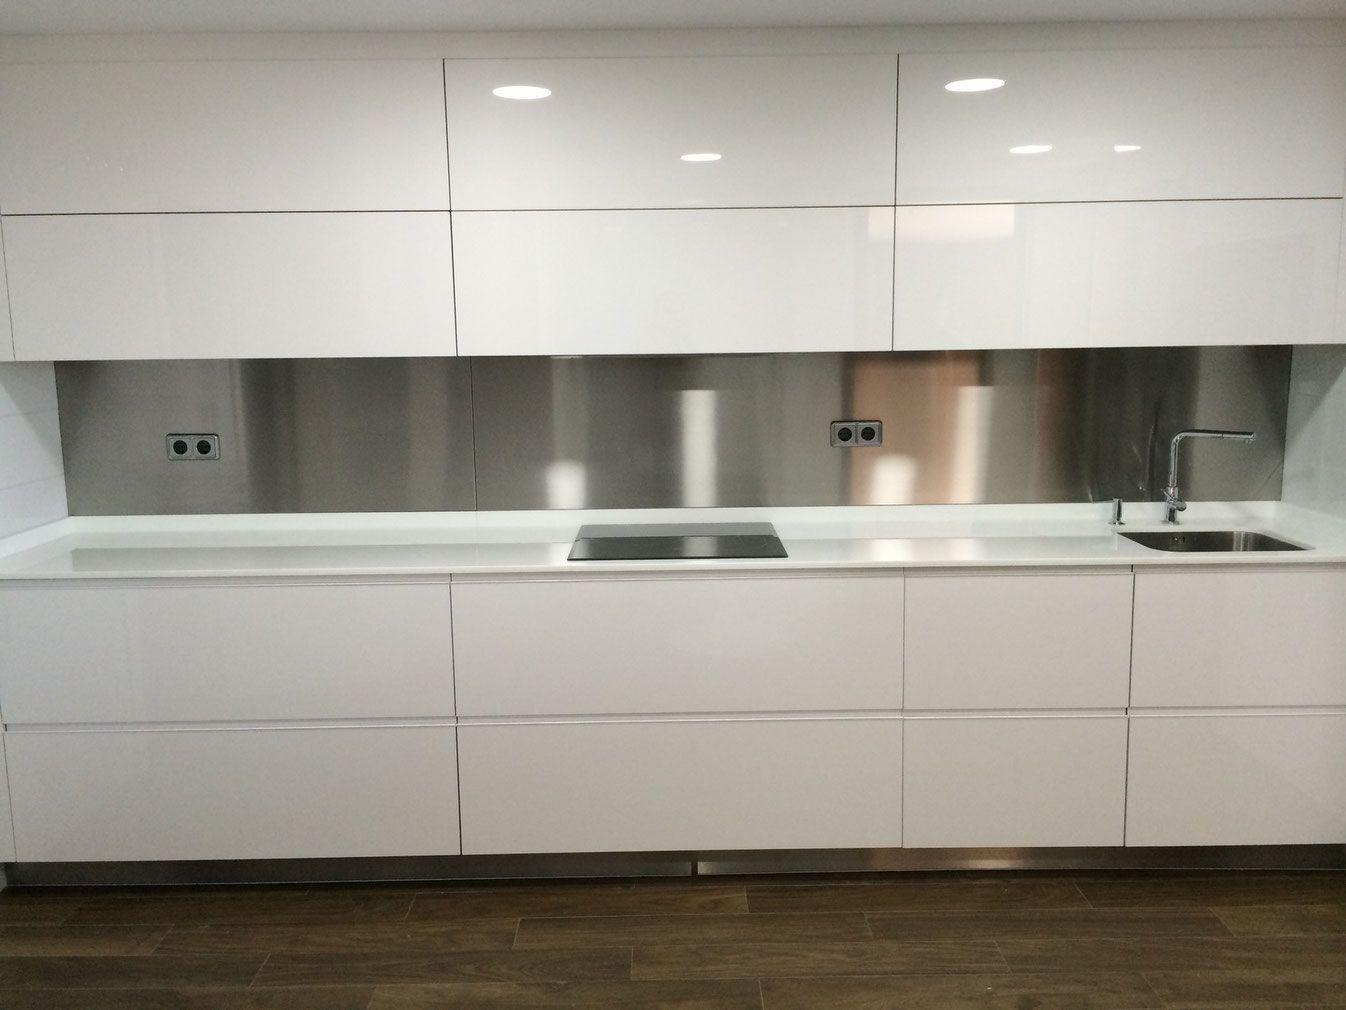 Fabricamos planchas laminas paneles y chapas de acero for Paneles acrilicos para frentes de cocina